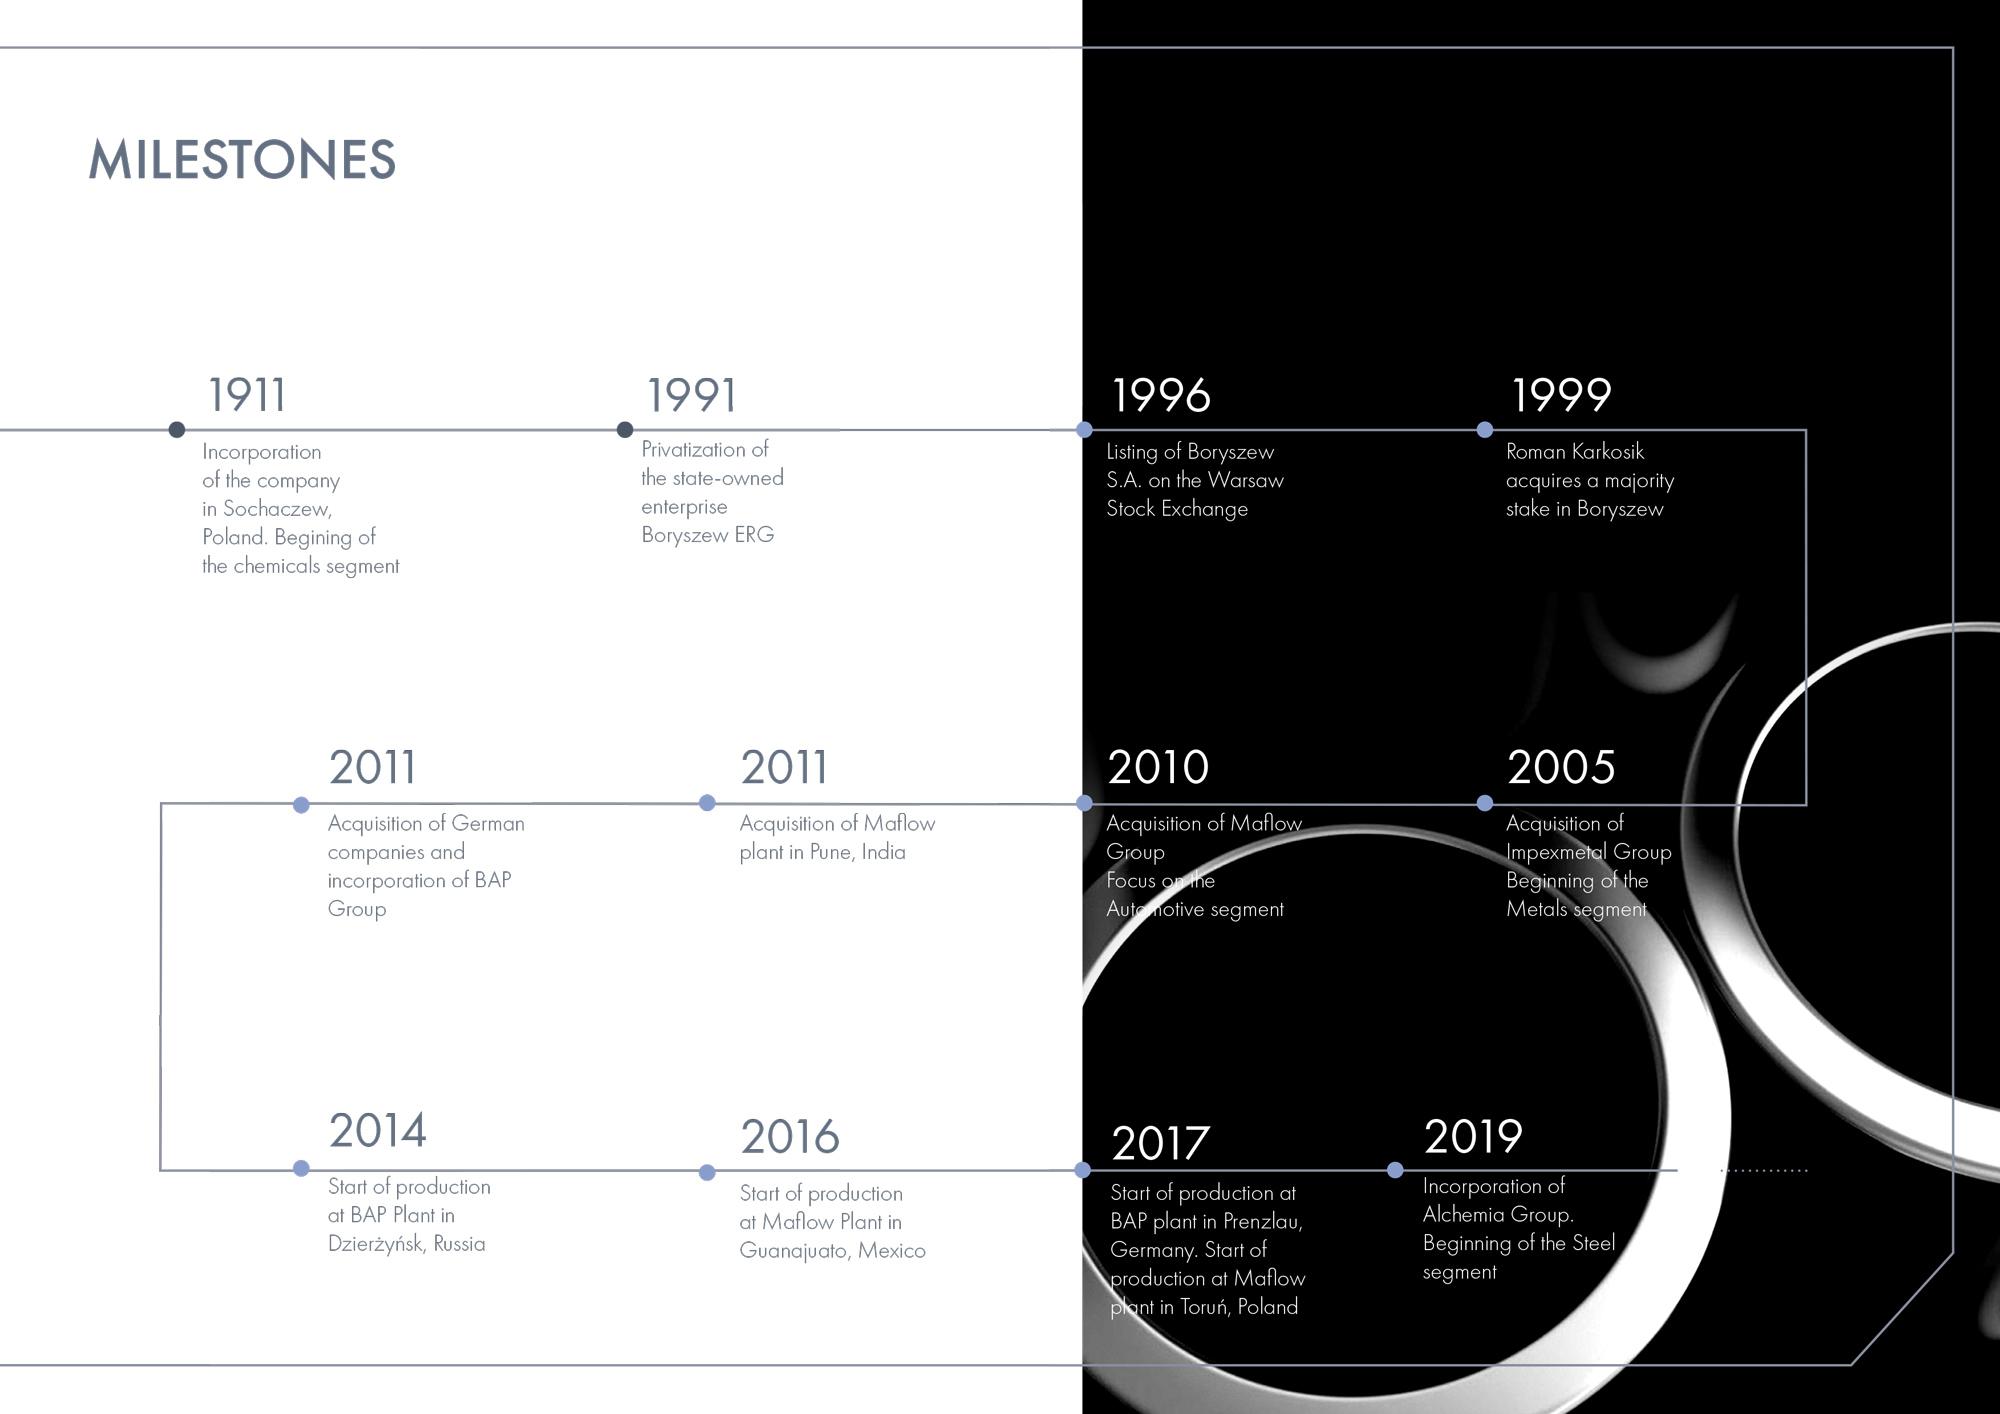 milestones-p4